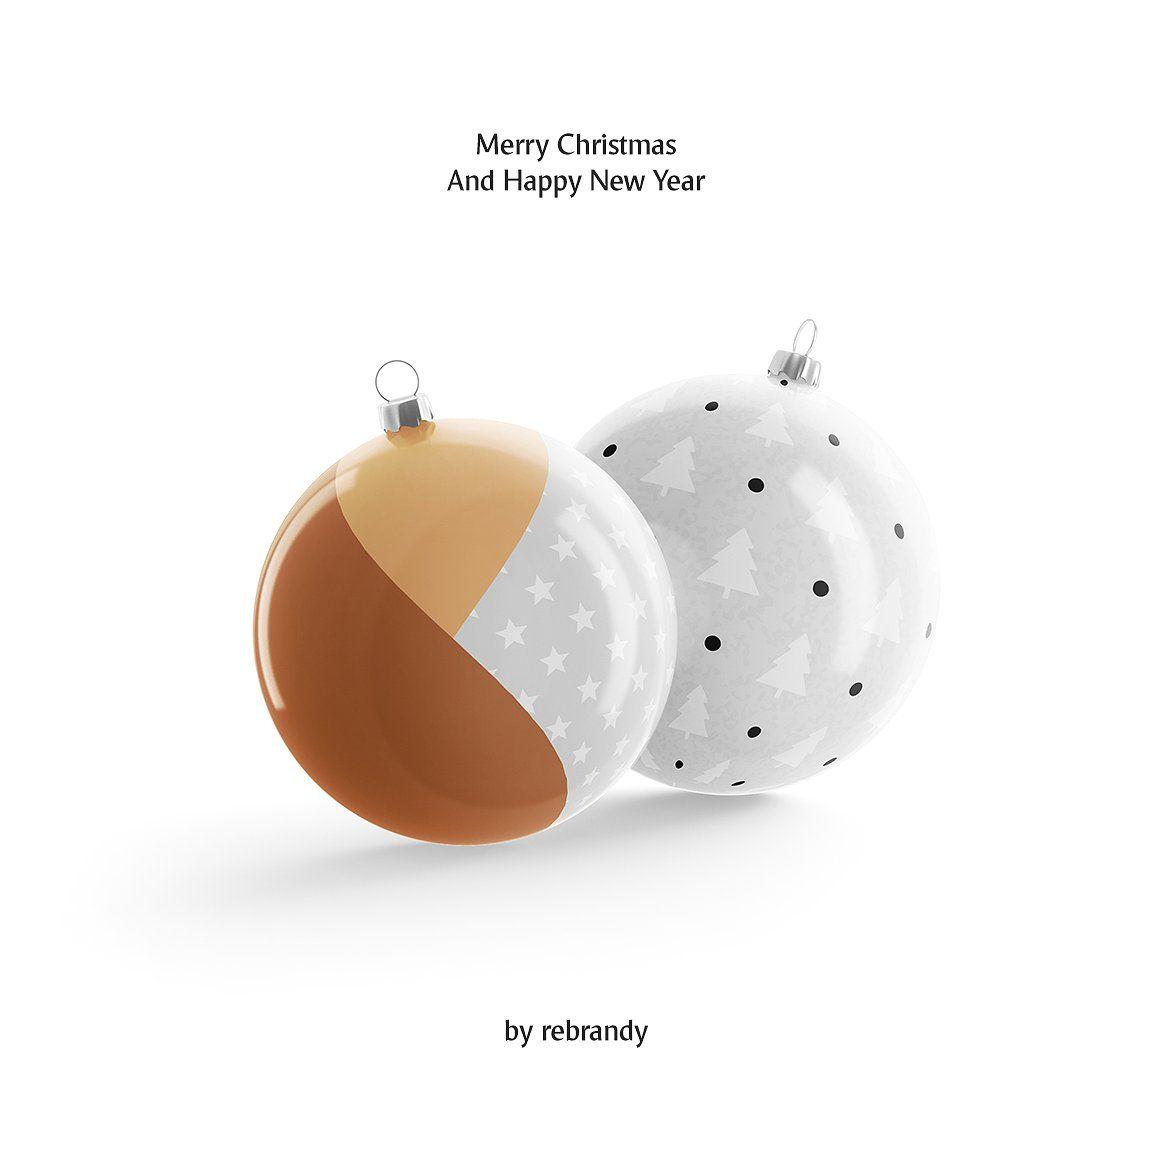 Christmas Ball Animated Mockups Set Stationery Mockup Colorful Backgrounds Christmas Balls